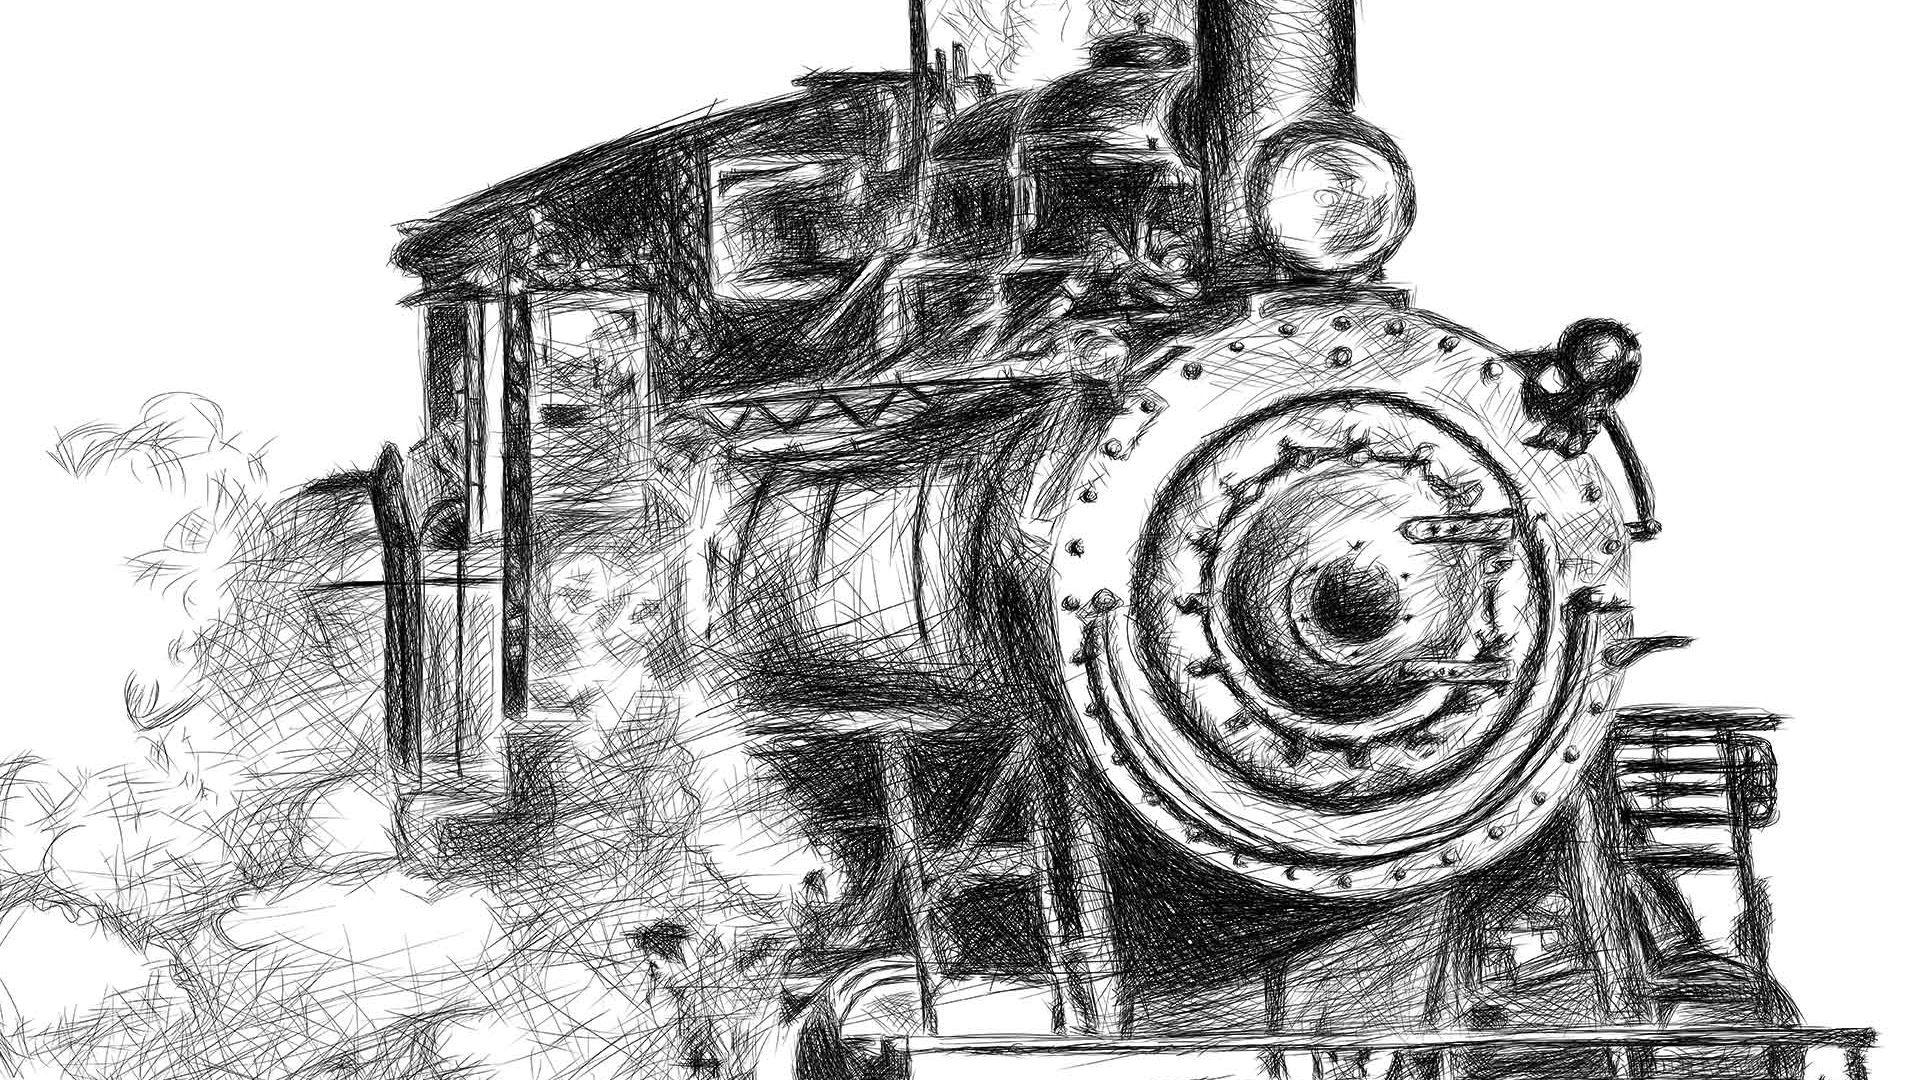 Orient Express train illustration digital pencil lines איור קטר רכבת עיפרון דיגיטלי